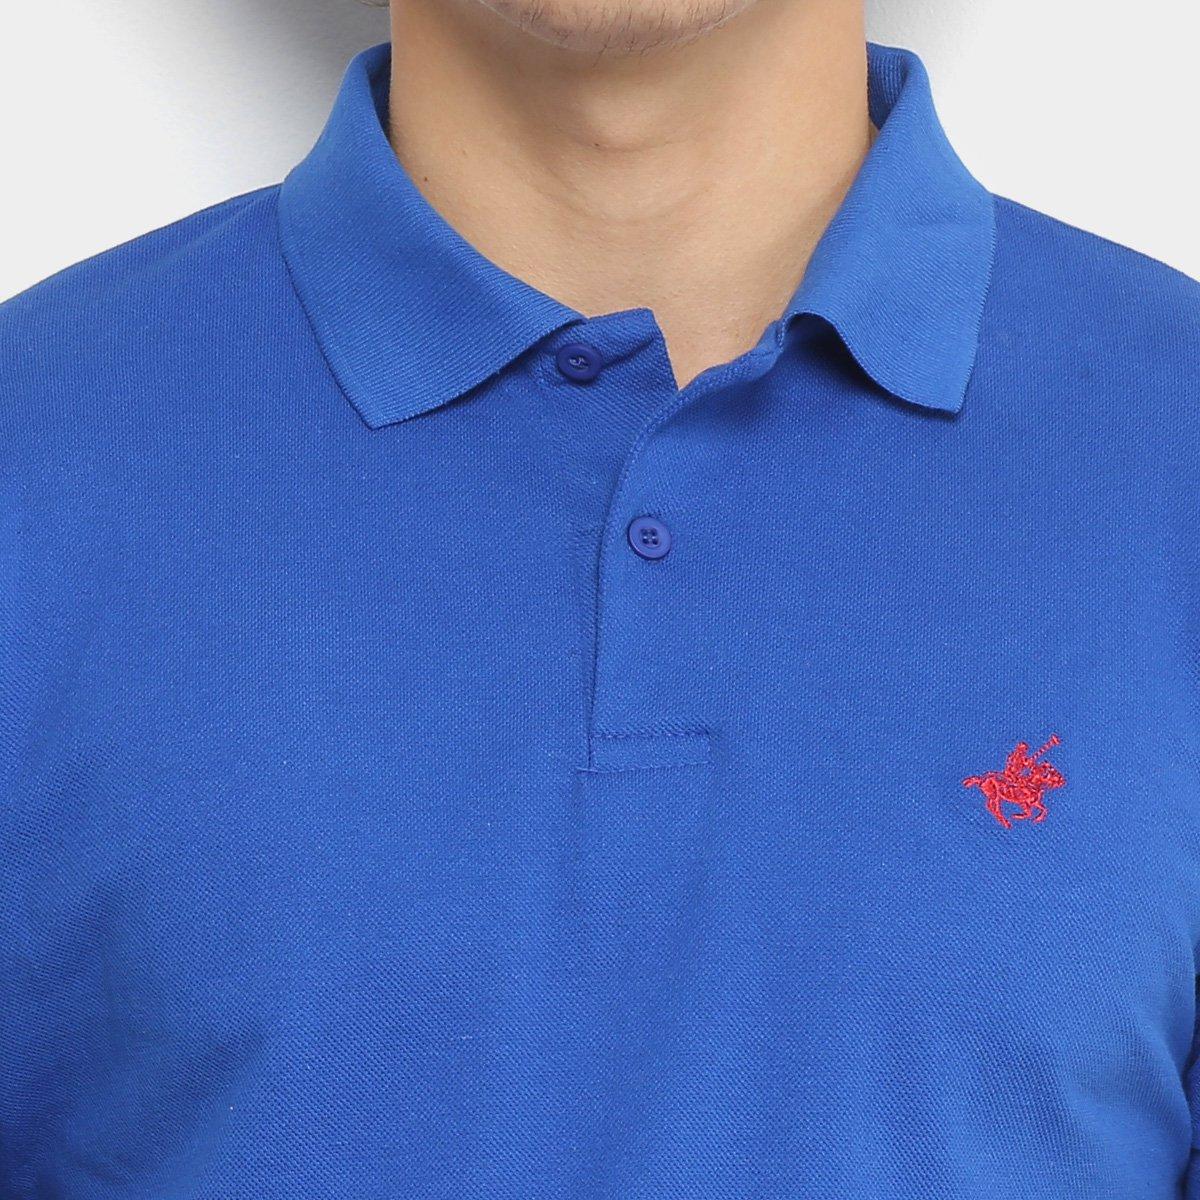 de13b87af9 ... Camisa Polo Up Bordado Masculina. Camisa Polo Up Bordado Masculina - Azul  Royal